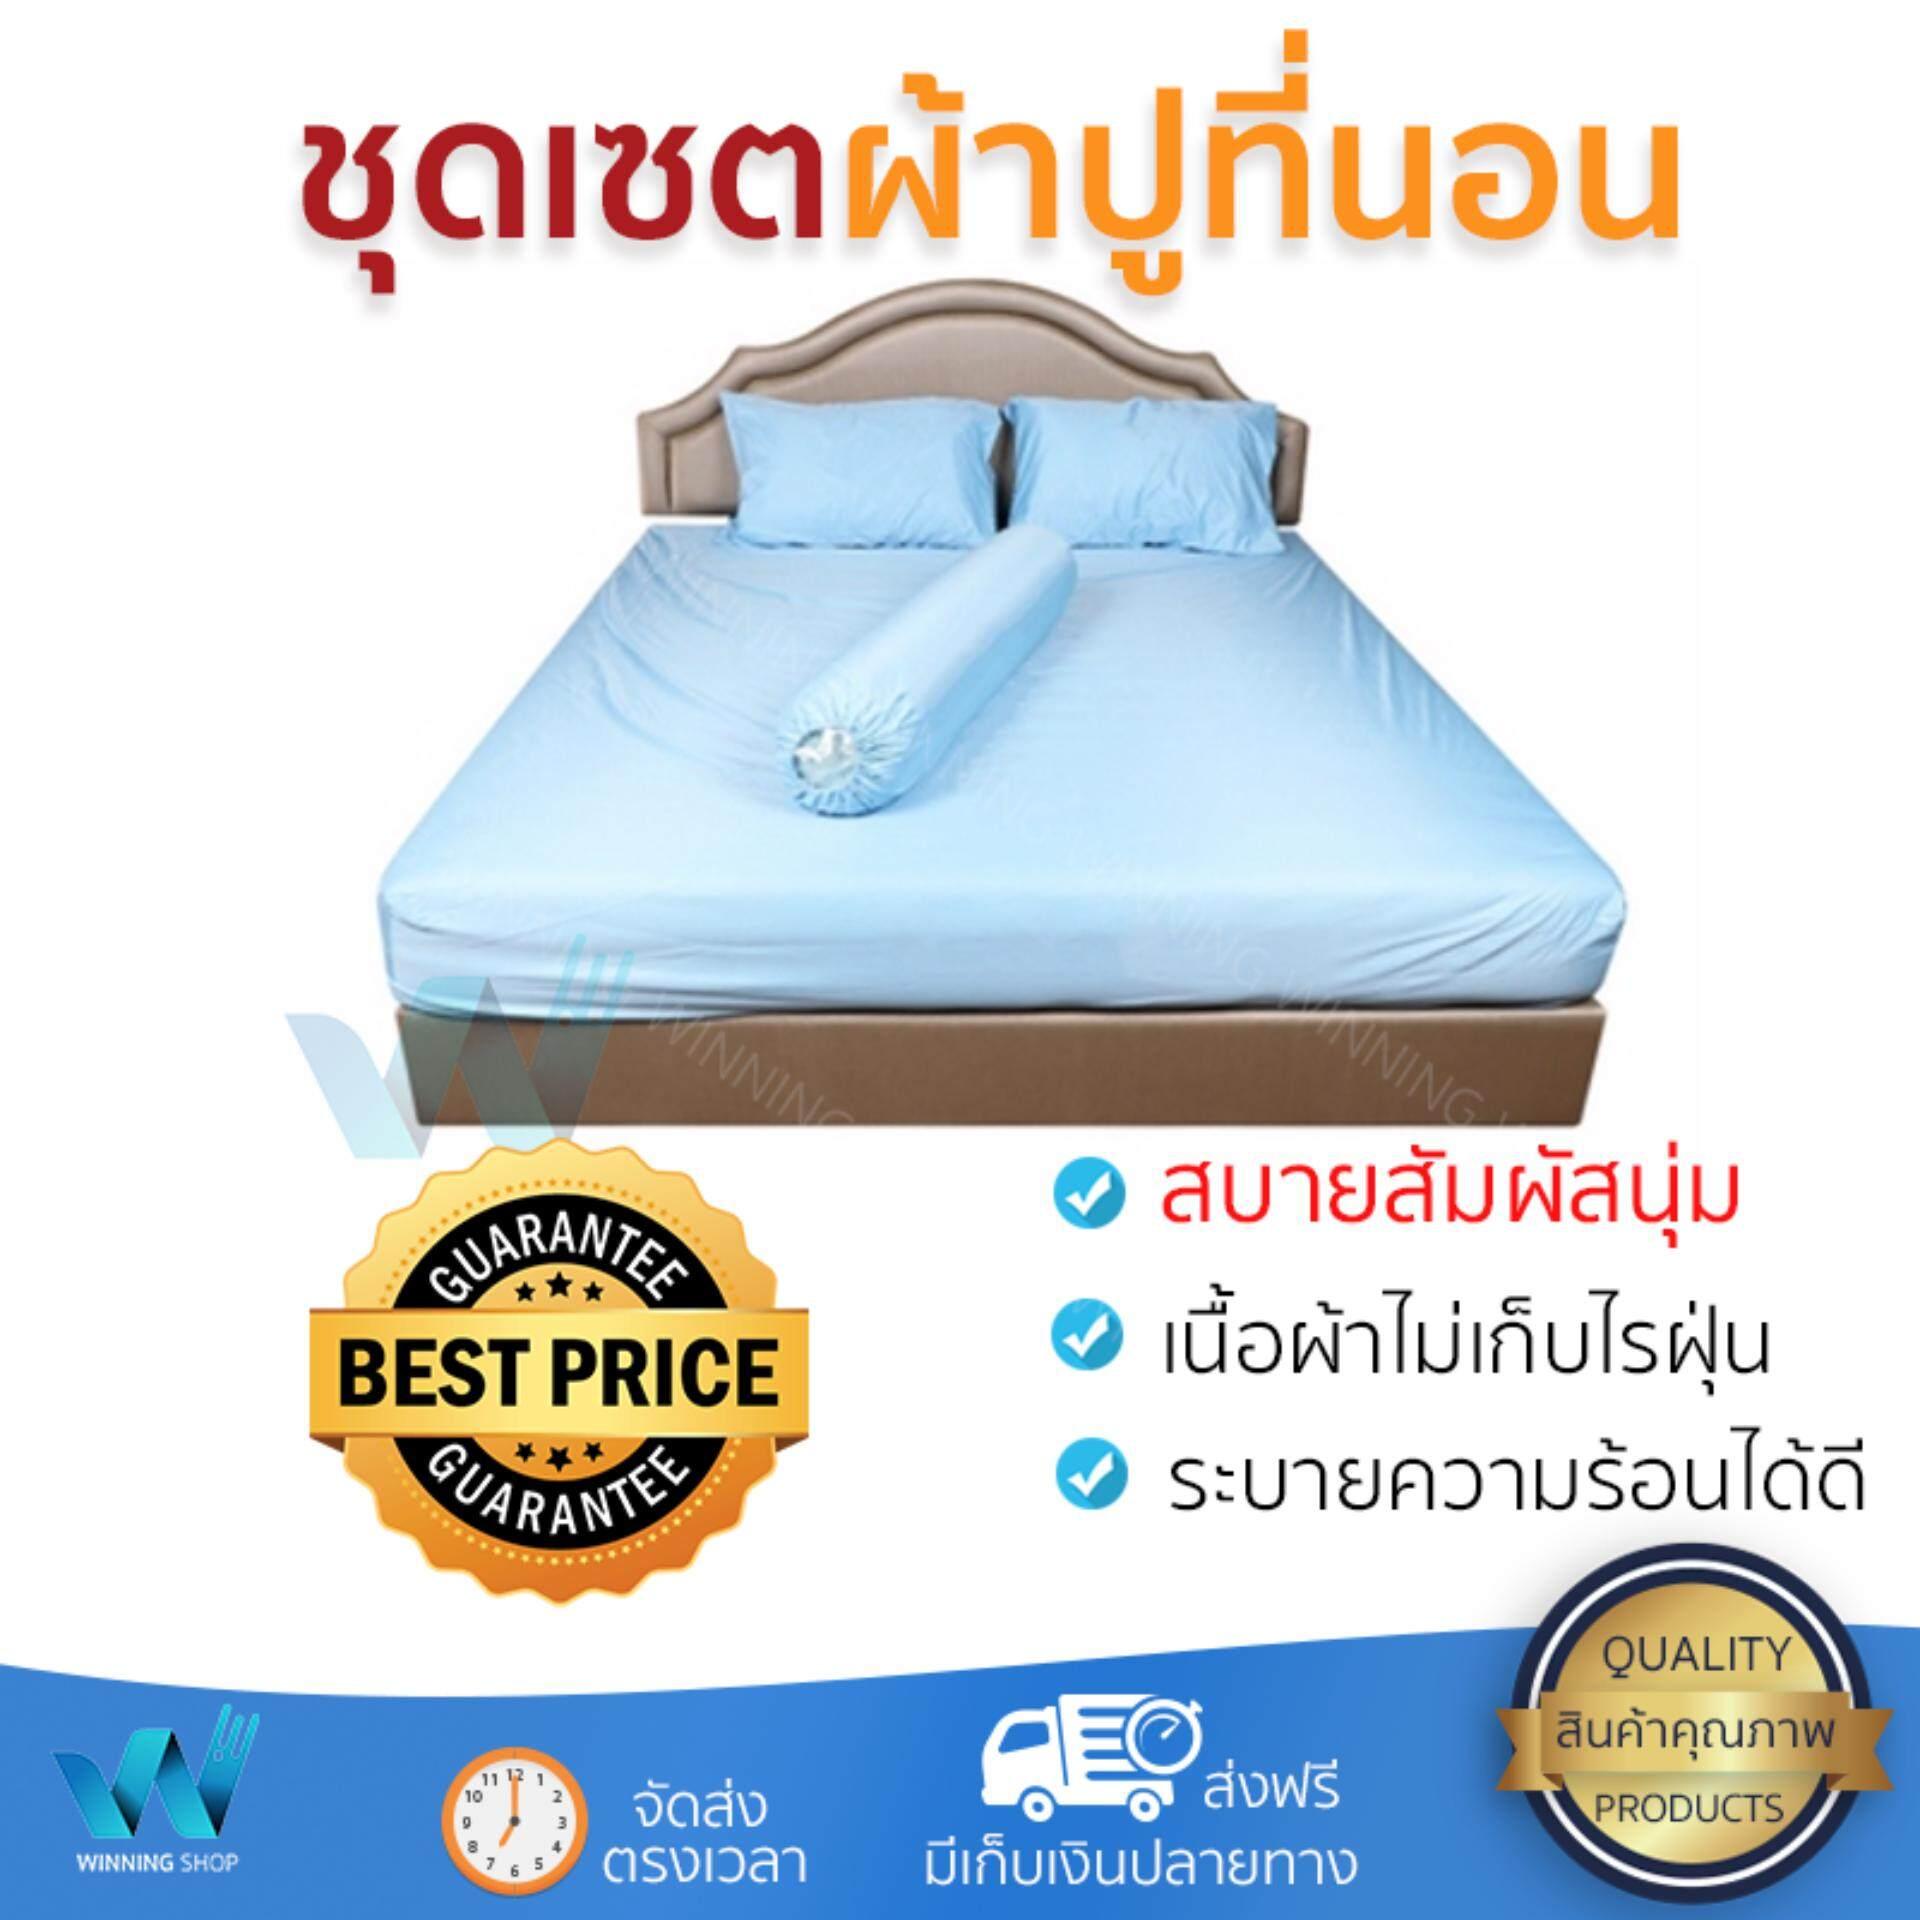 ลดสุดๆ ผ้าปูที่นอน ผ้าปูที่นอนกันไรฝุ่น ผ้าปู Q5HOME LIVING STYLE 375TC SEEN WATERPROOF BLUE | HOME LIVING STYLE | ผ้าปู Q HLS กันน้ำ BL สัมผัสนุ่ม นอนหลับสบาย เส้นใยทอพิเศษ ระบายความร้อนได้ดี กันเชื้